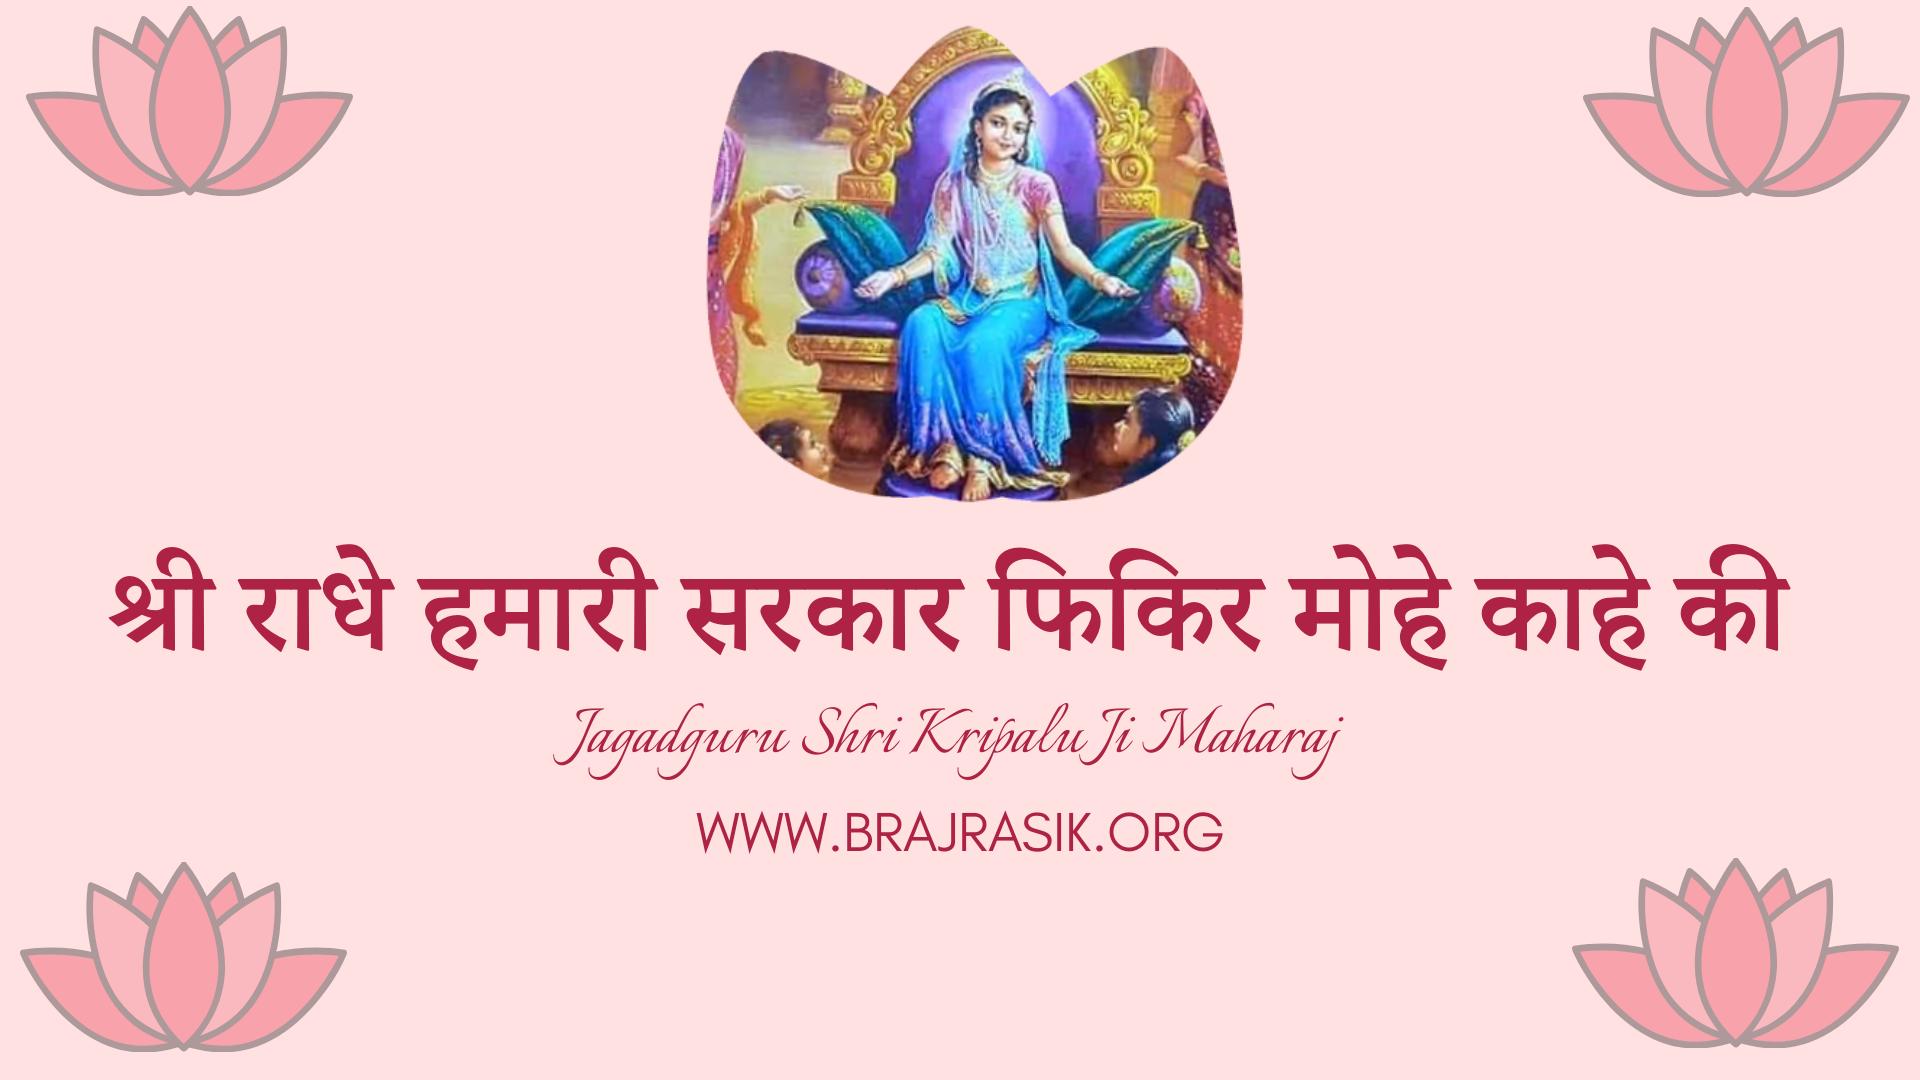 Shri Radhey Humari Sarkar Fikir Mohe Kaahe Ki